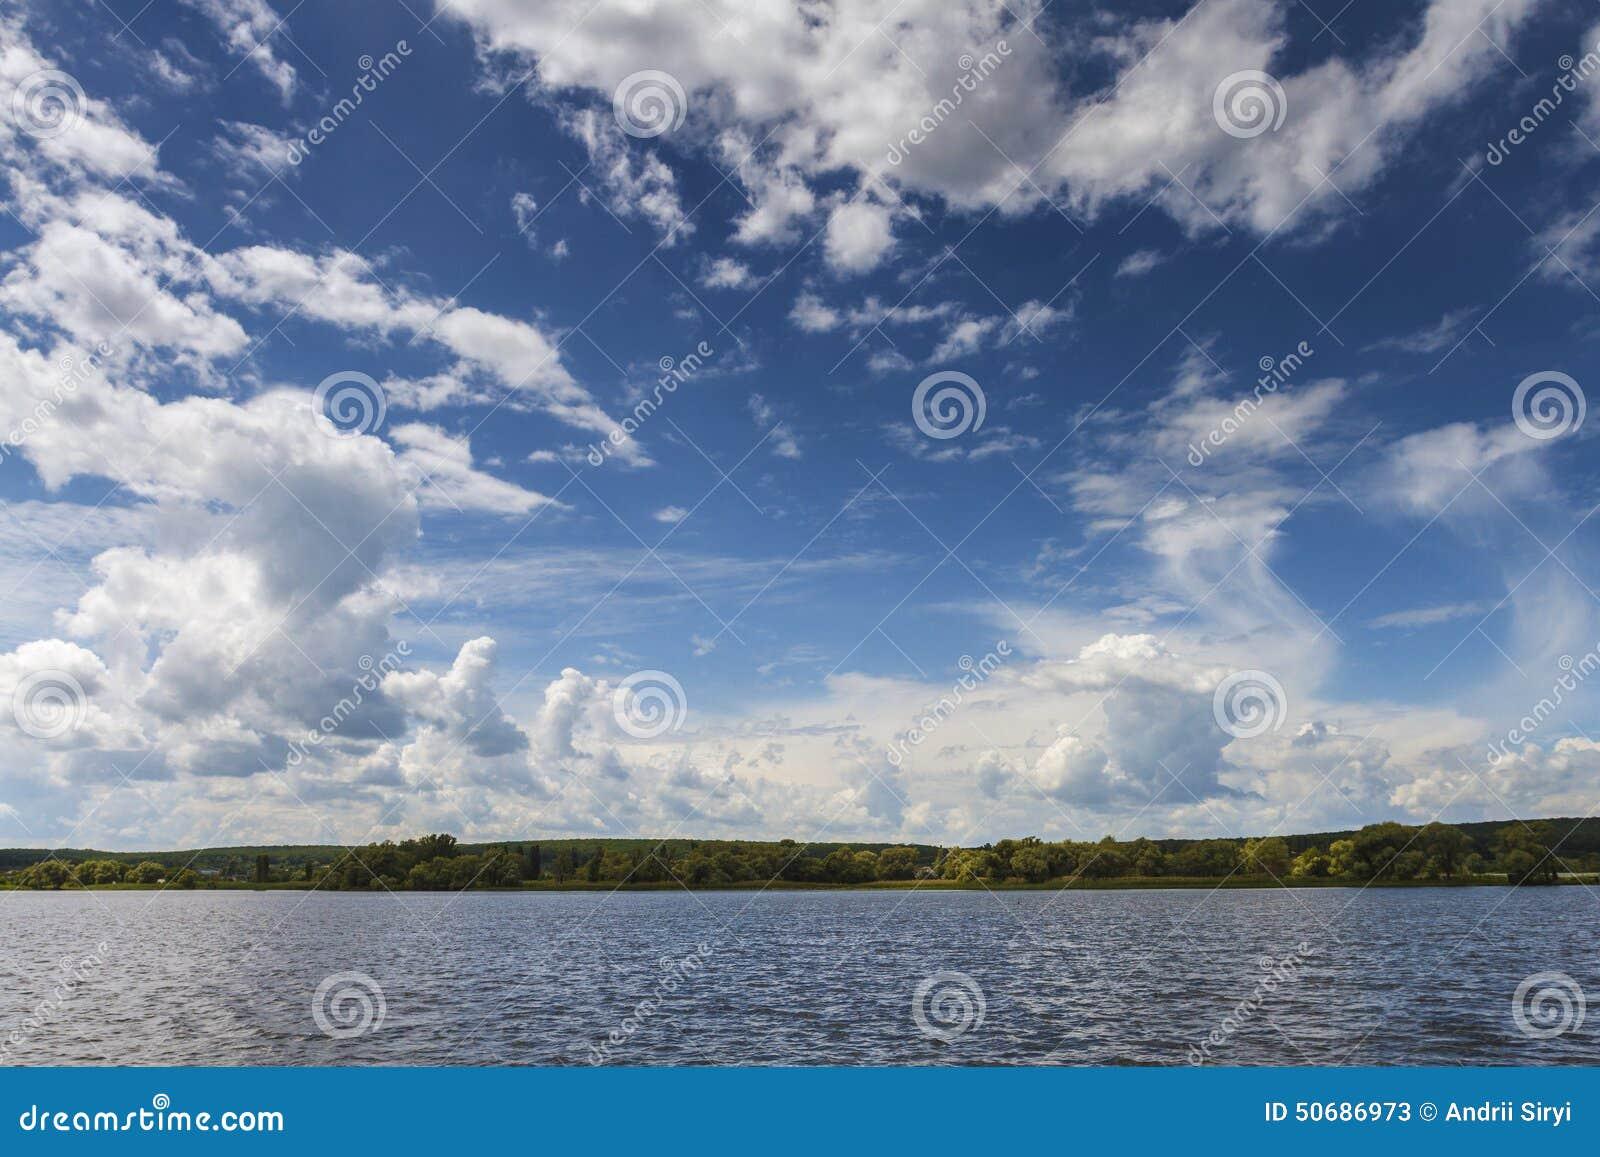 Download 与美丽的蓝色的海海湾天空 库存图片. 图片 包括有 本质, 波纹, 全景, 更加恼怒的, 触毛, 摄影, 蓬松 - 50686973